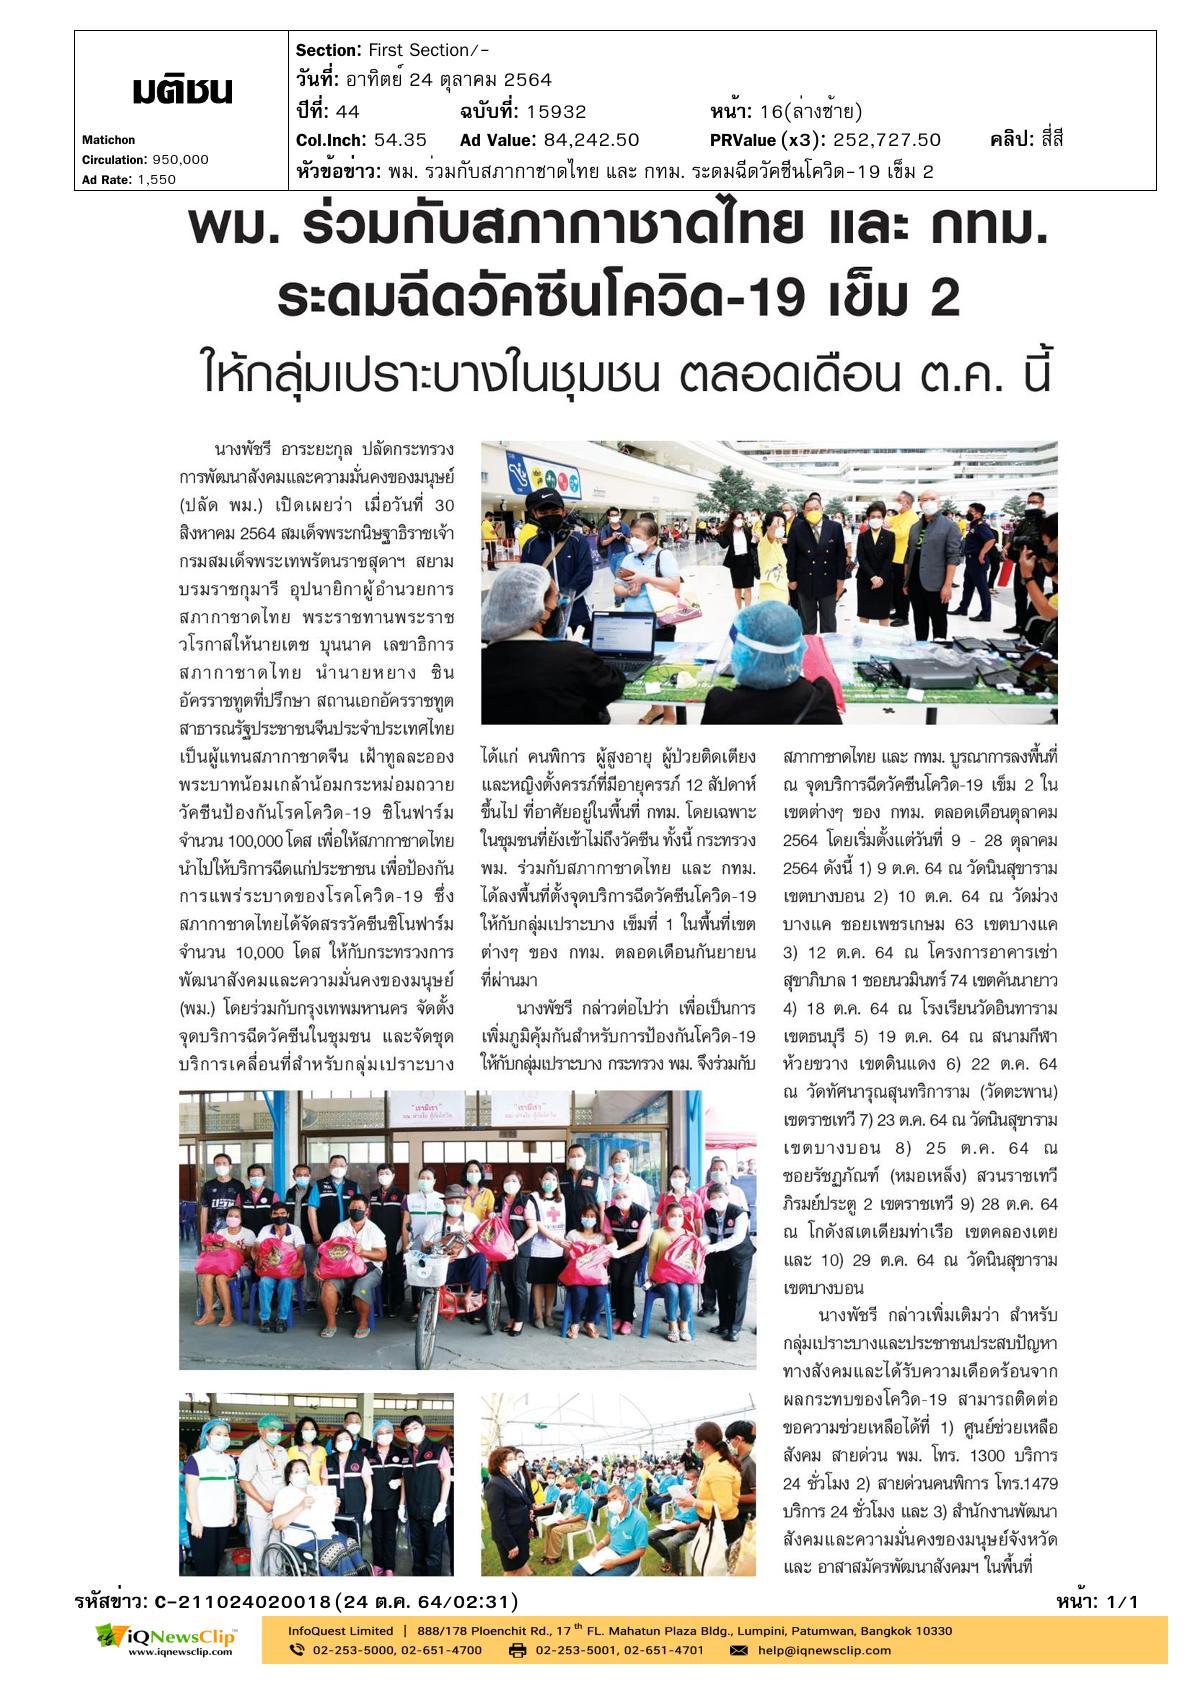 สภากาชาดไทย ฉีดวัคซีนโควิด-19 ให้กลุ่มเปราะบางในชุมชน